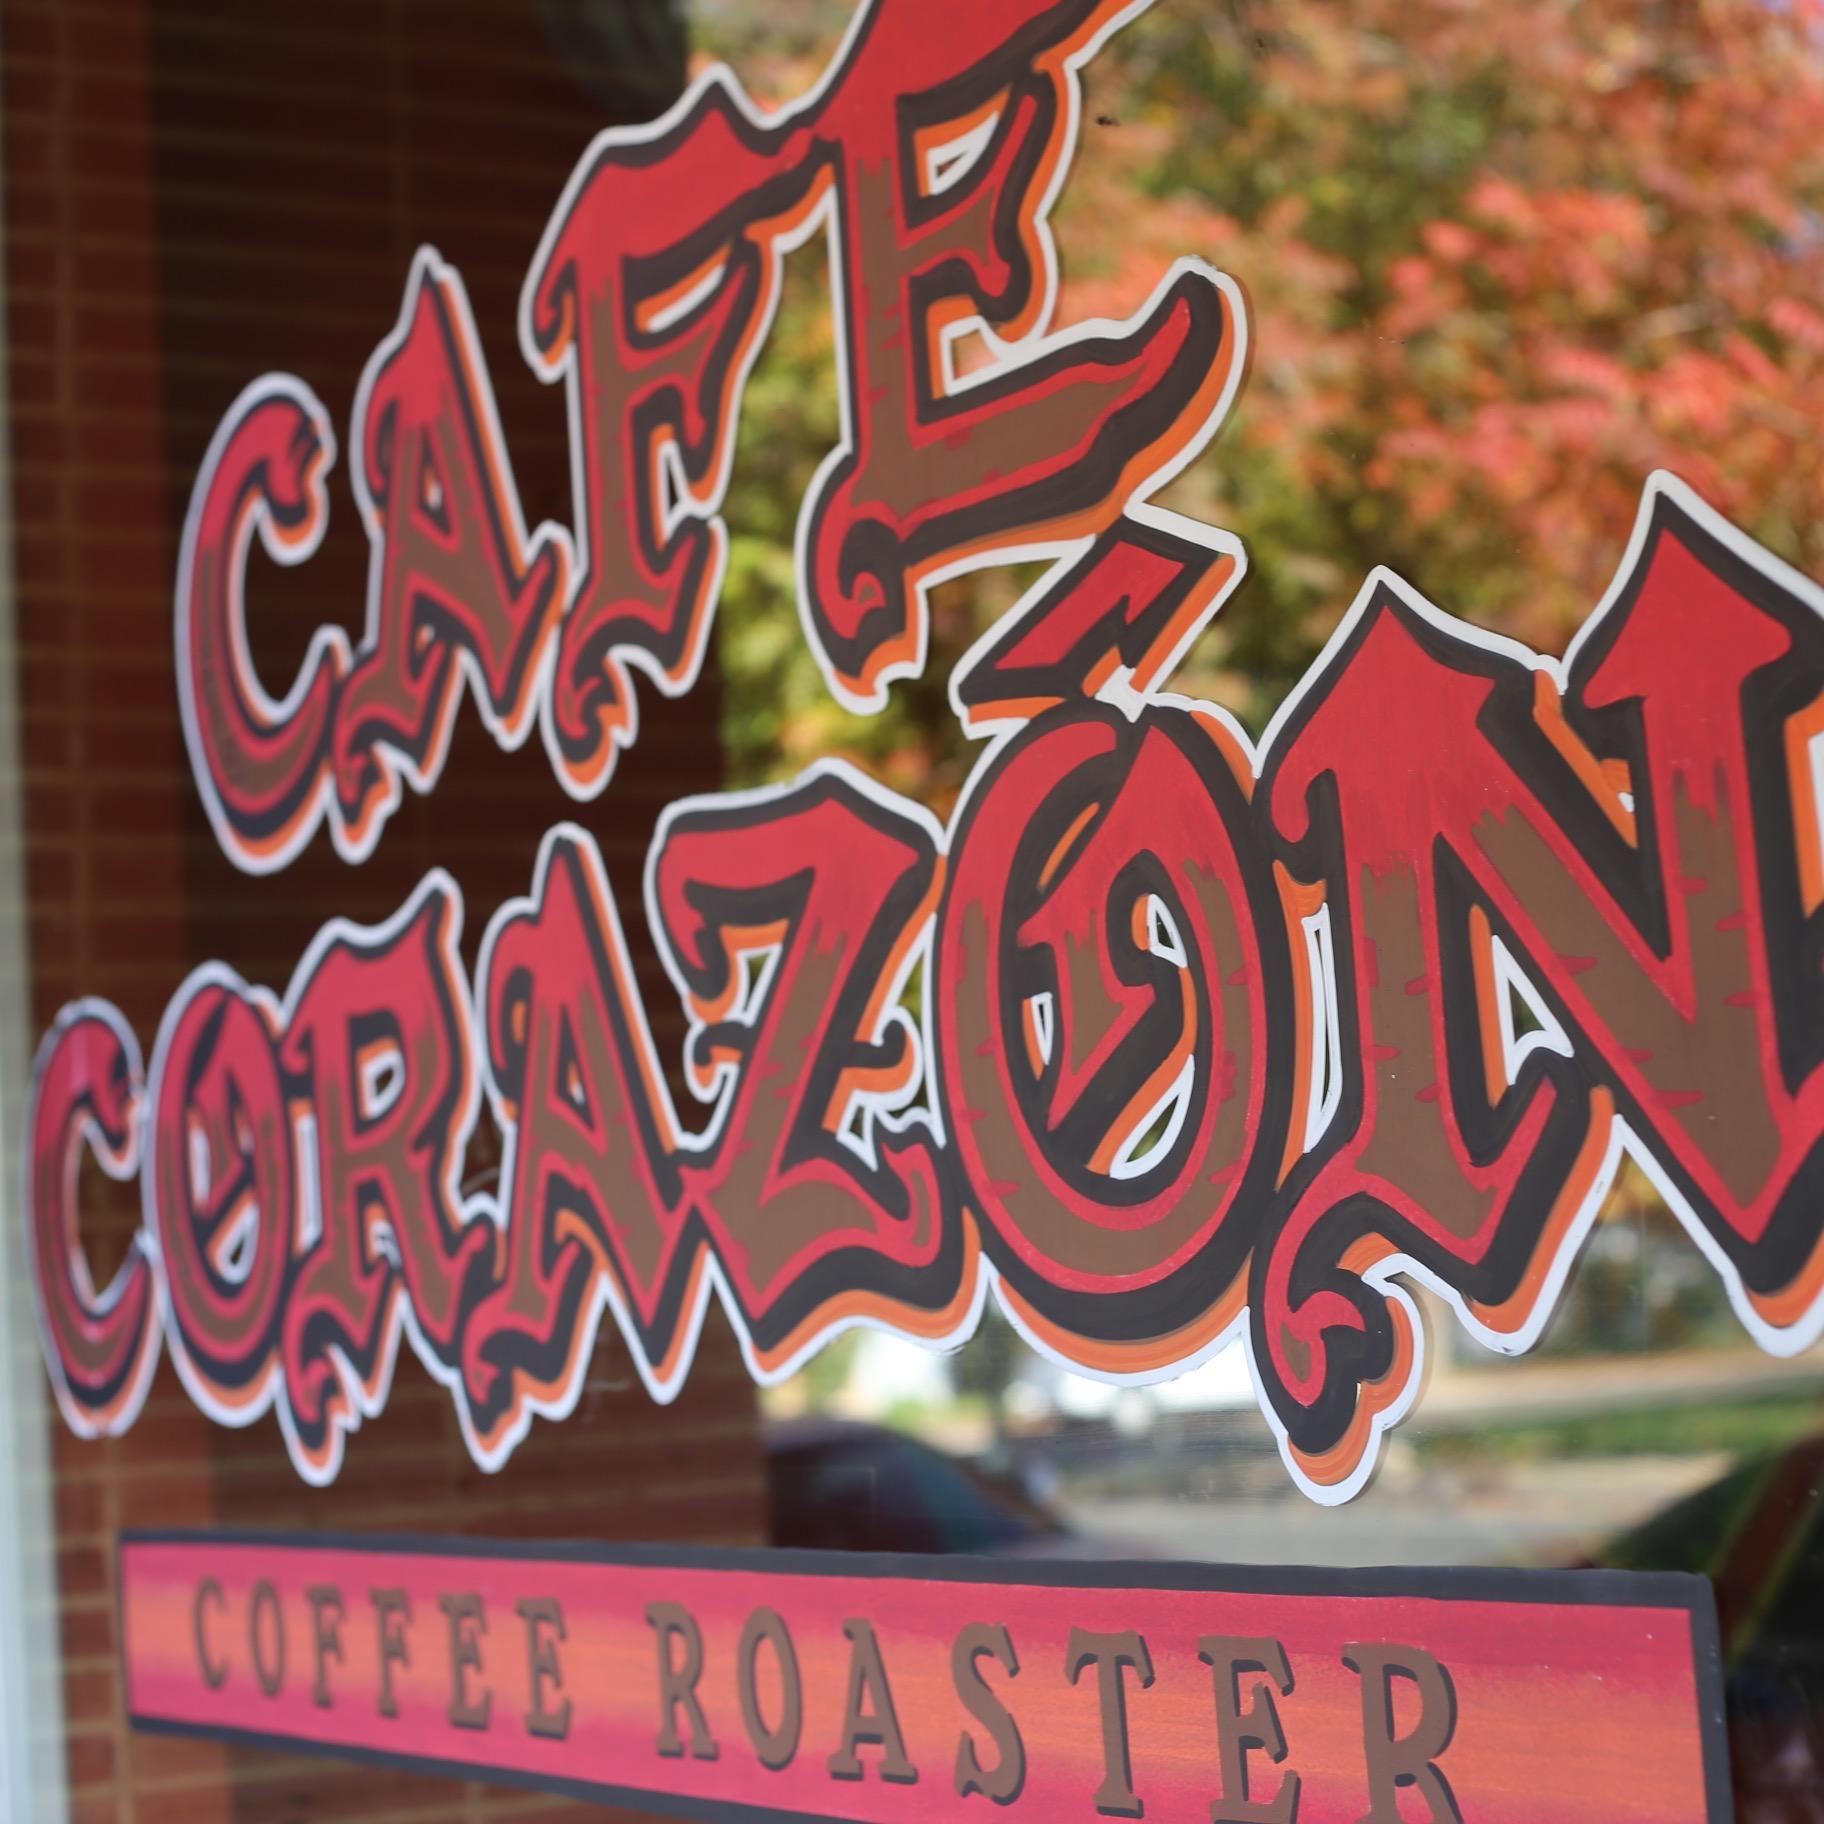 Cafe corazon fresno